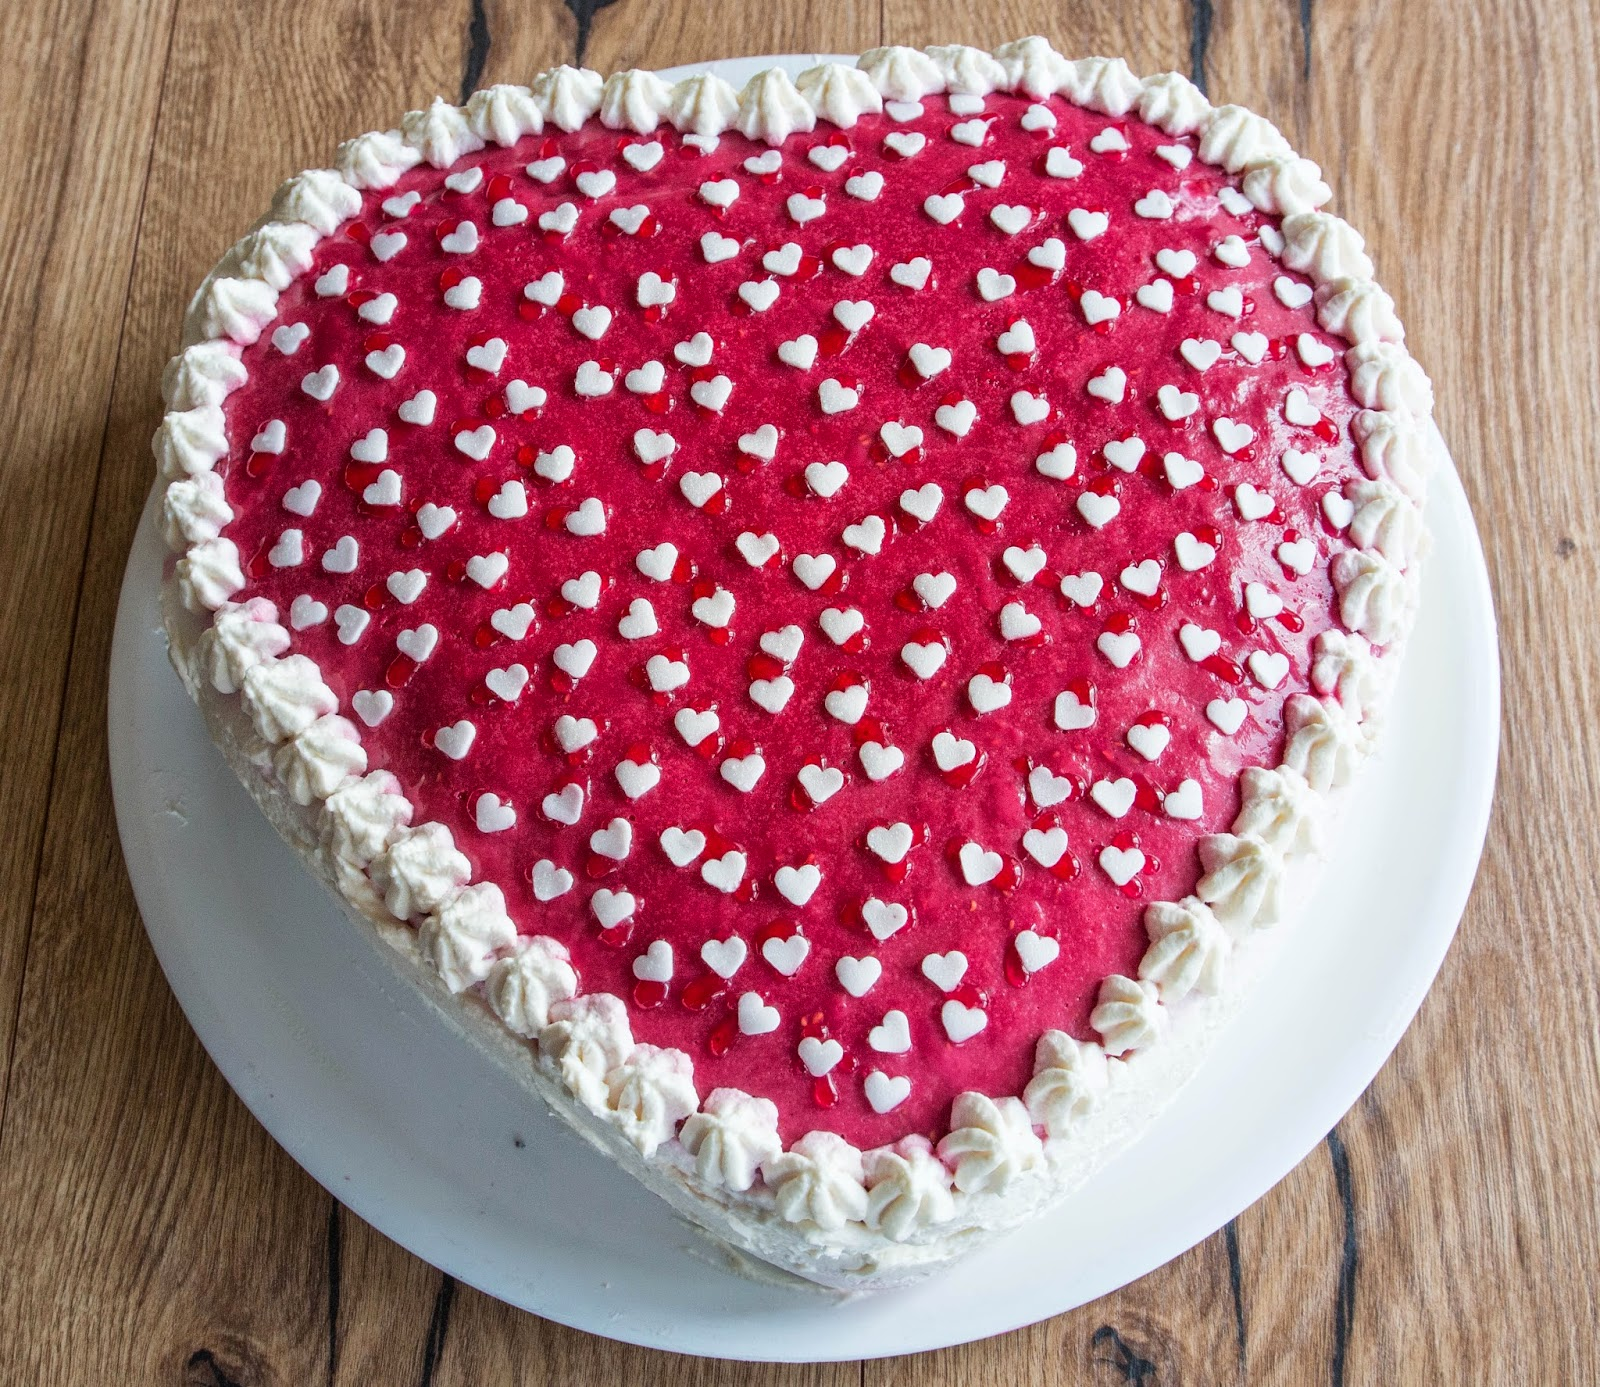 , Himbeermousse Torte, Herz, Himbeermoussetorte, Himbeermousse-Torte ...